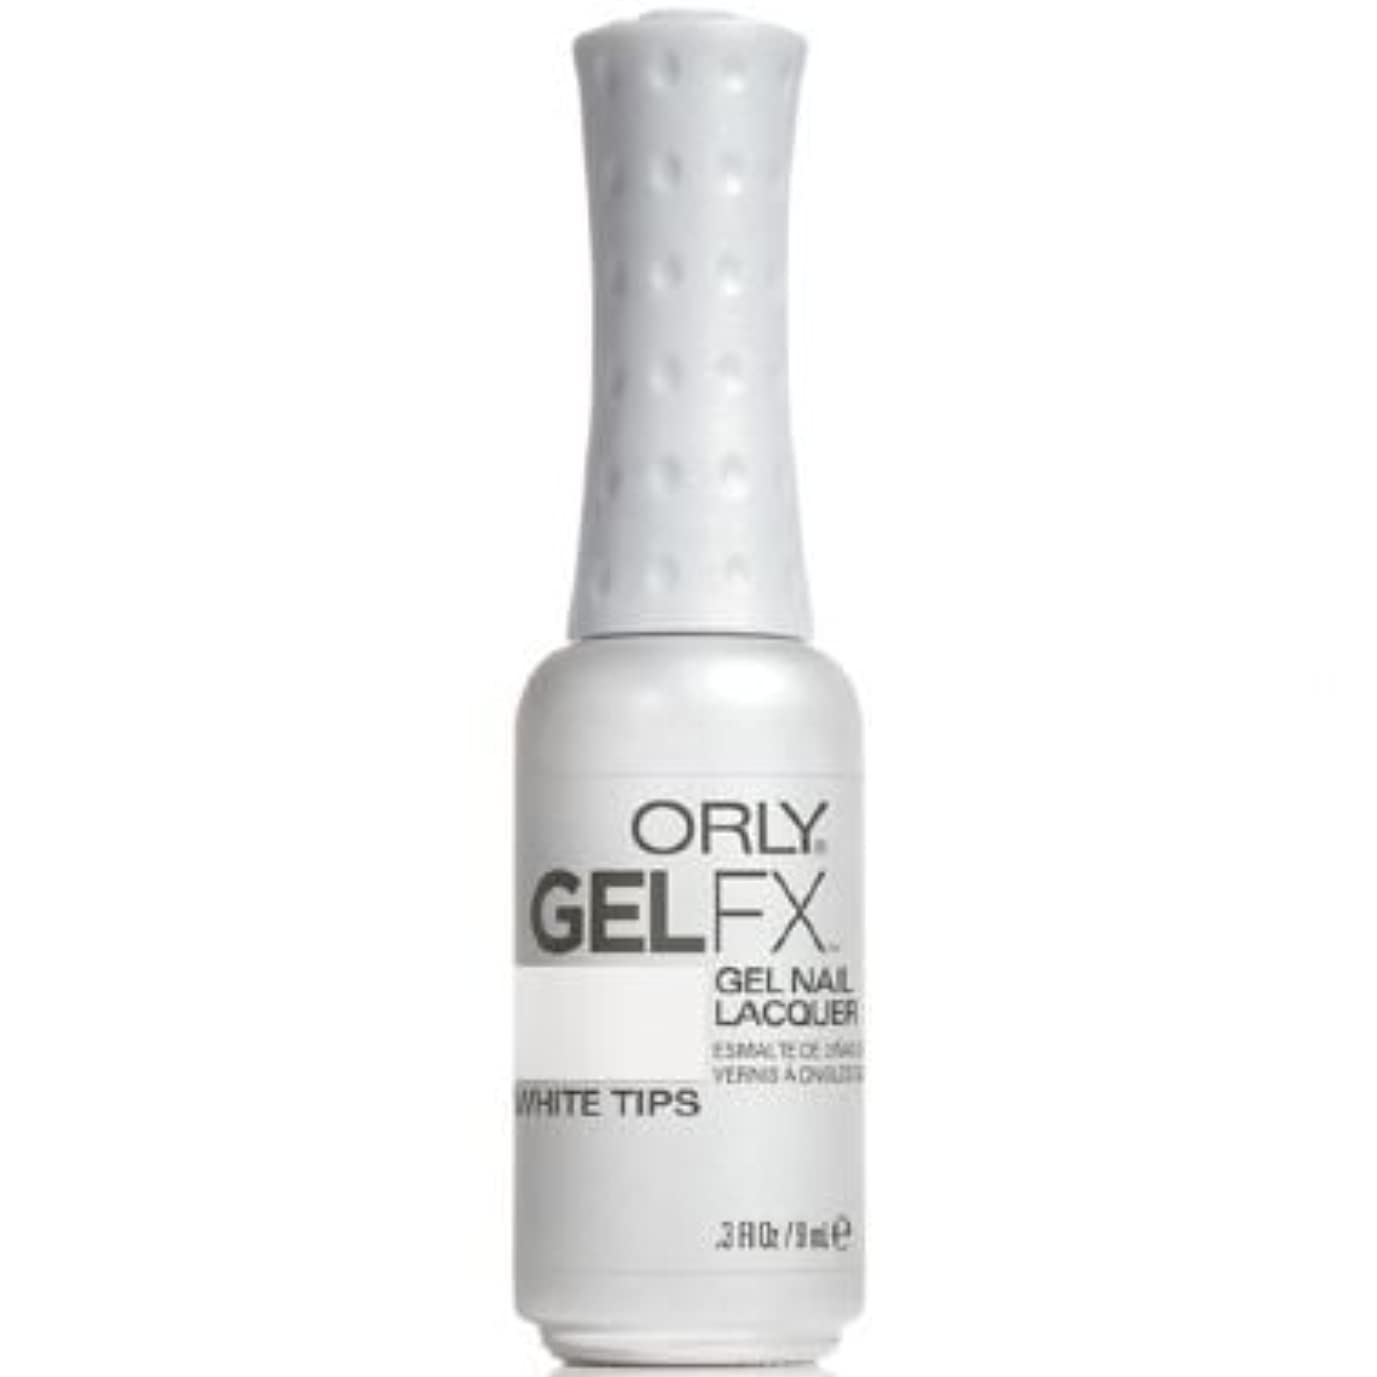 経済的私たち自身同様にOrly Gel FX Gel UV Vernis à Ongles/ Gel Polish - White Tips 9ml